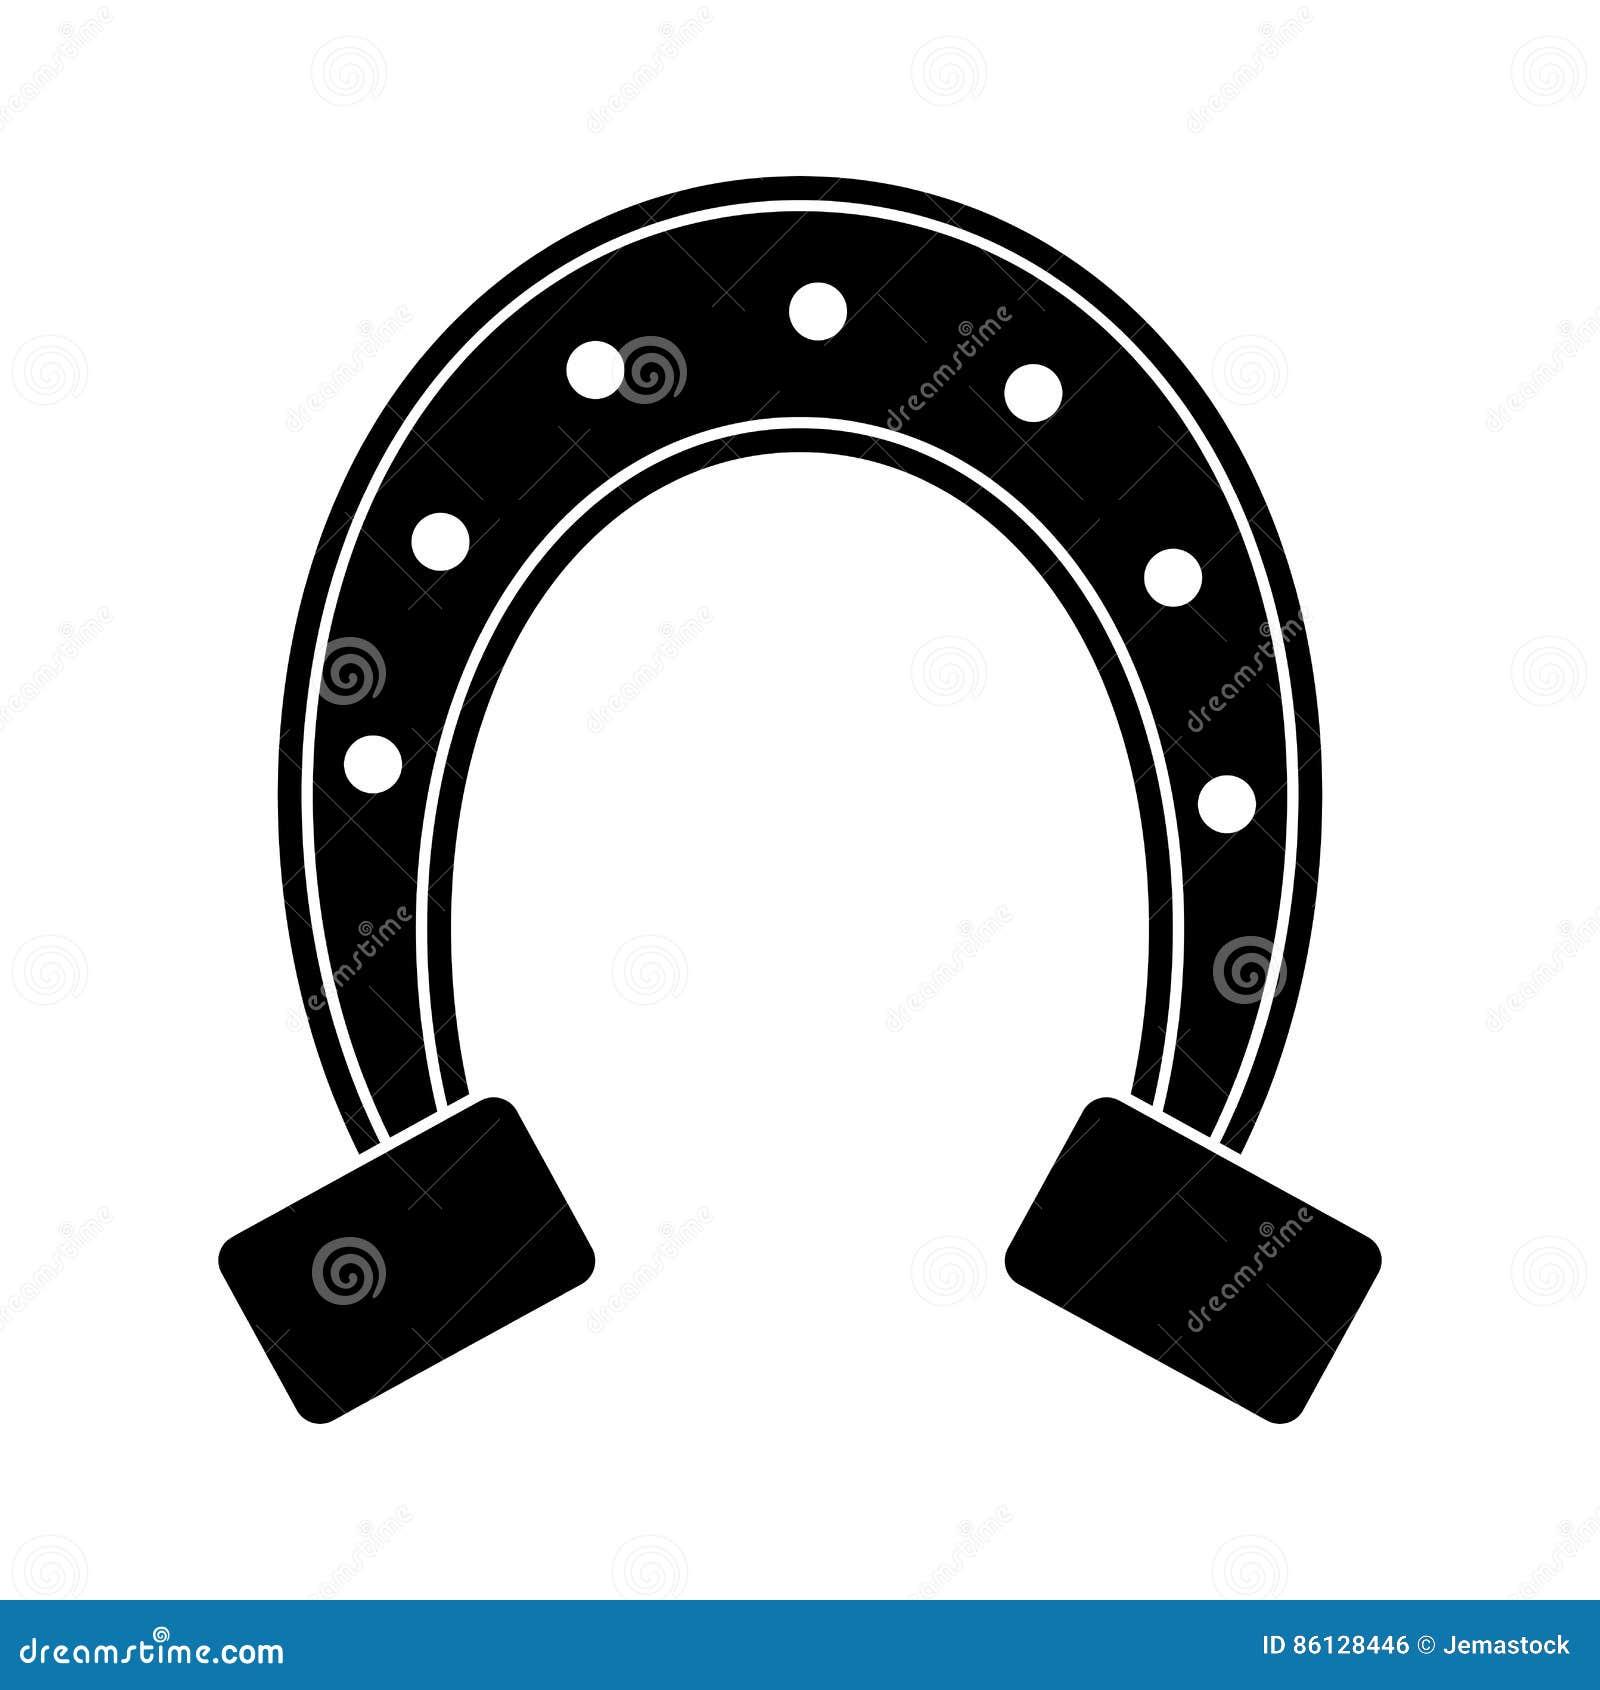 St patricks day horseshoe symbol pictogram